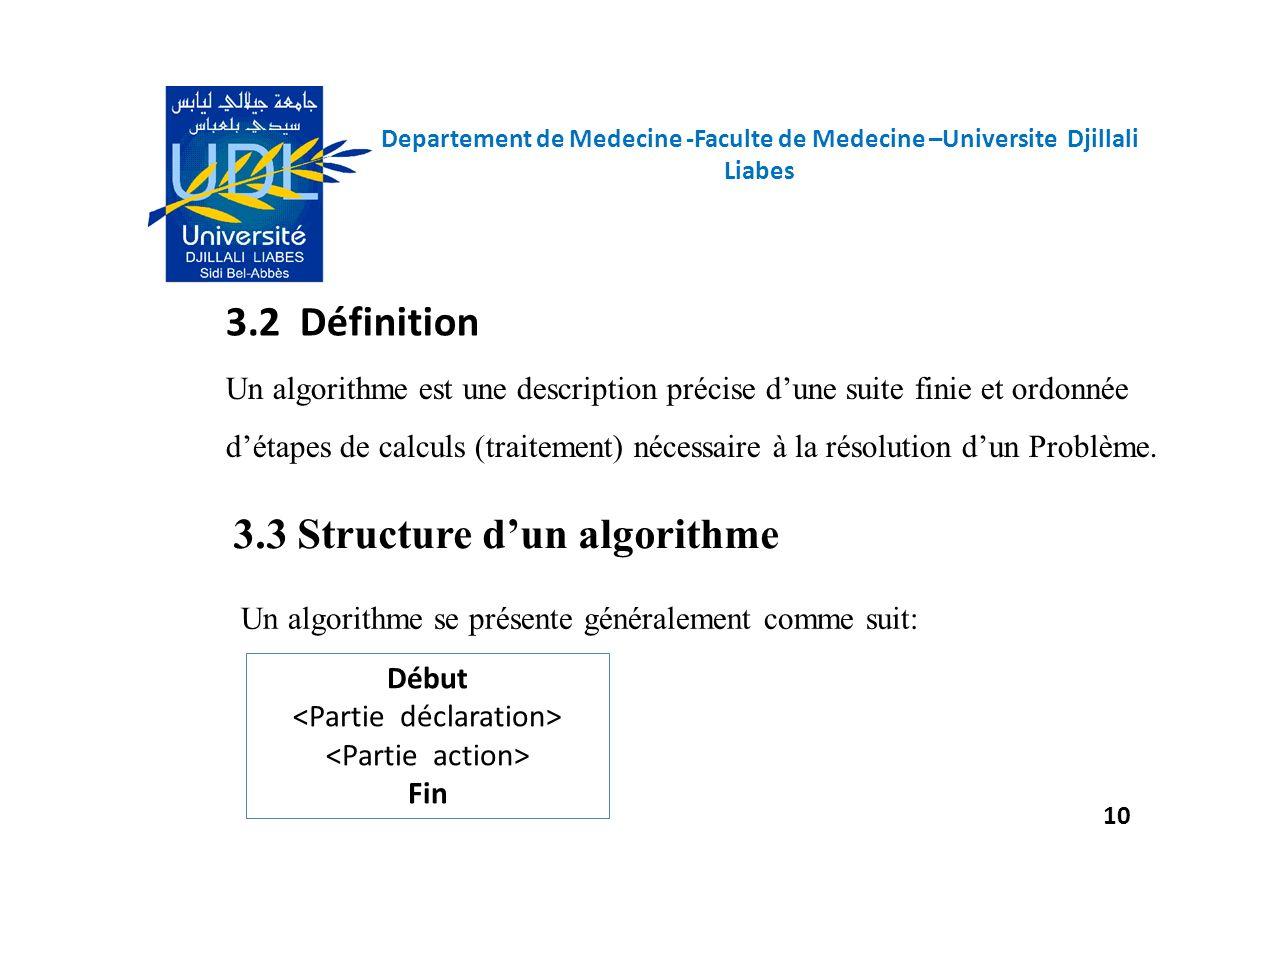 3.3 Structure d'un algorithme